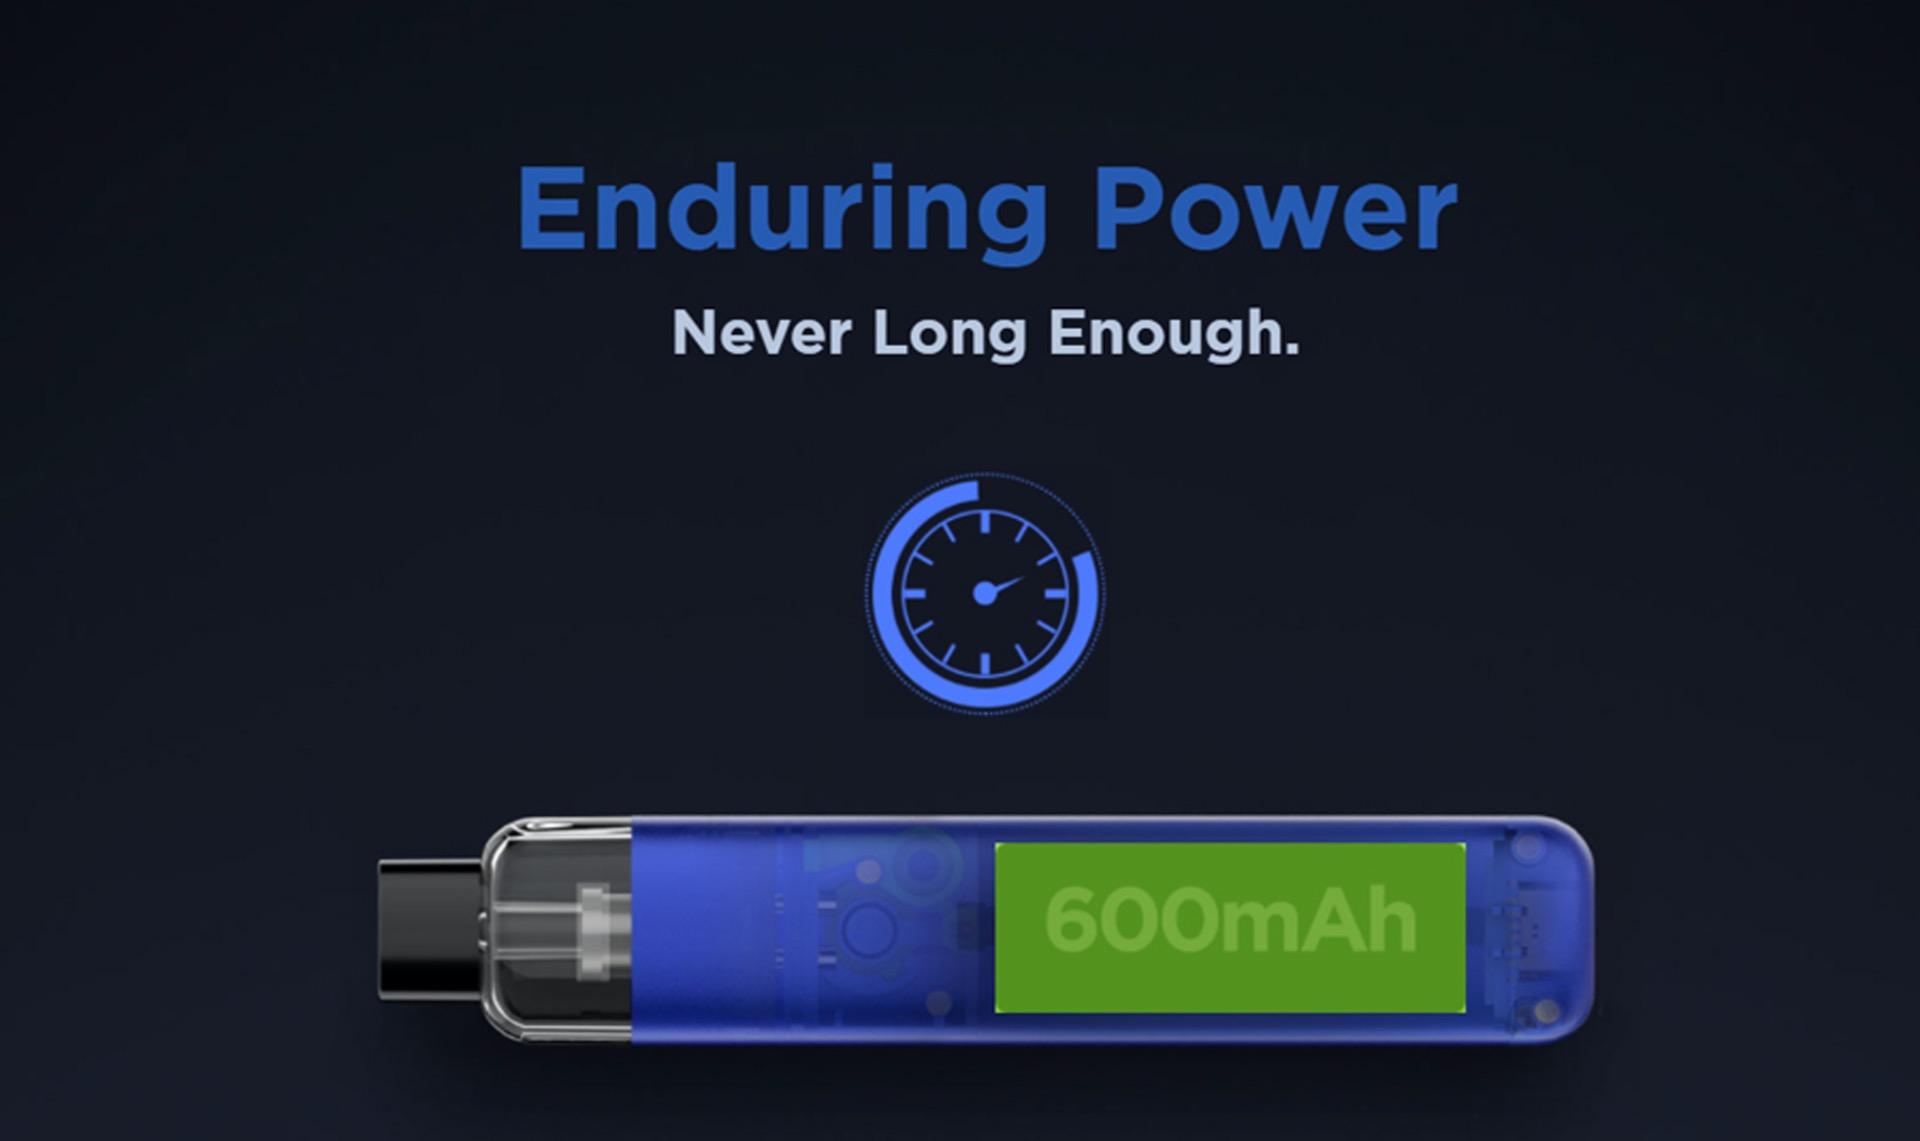 wenax enduring power